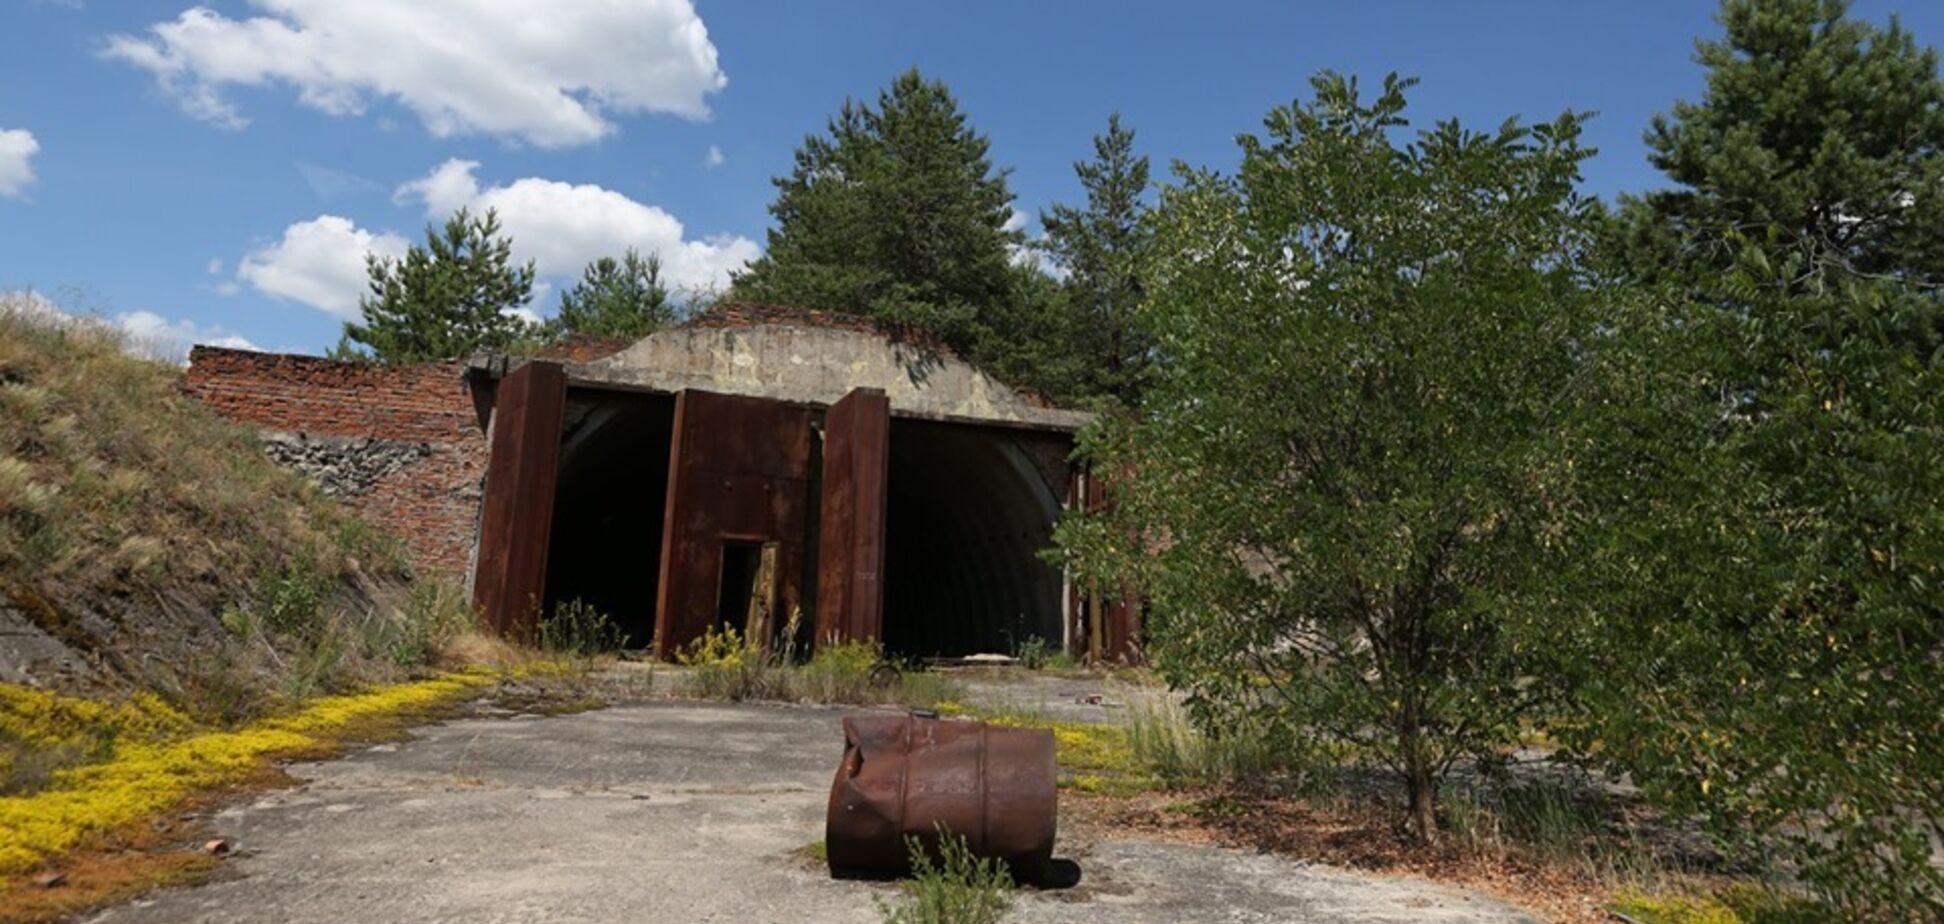 Чернобыль. Нерассказанная история: атомное оружие в центре Киева